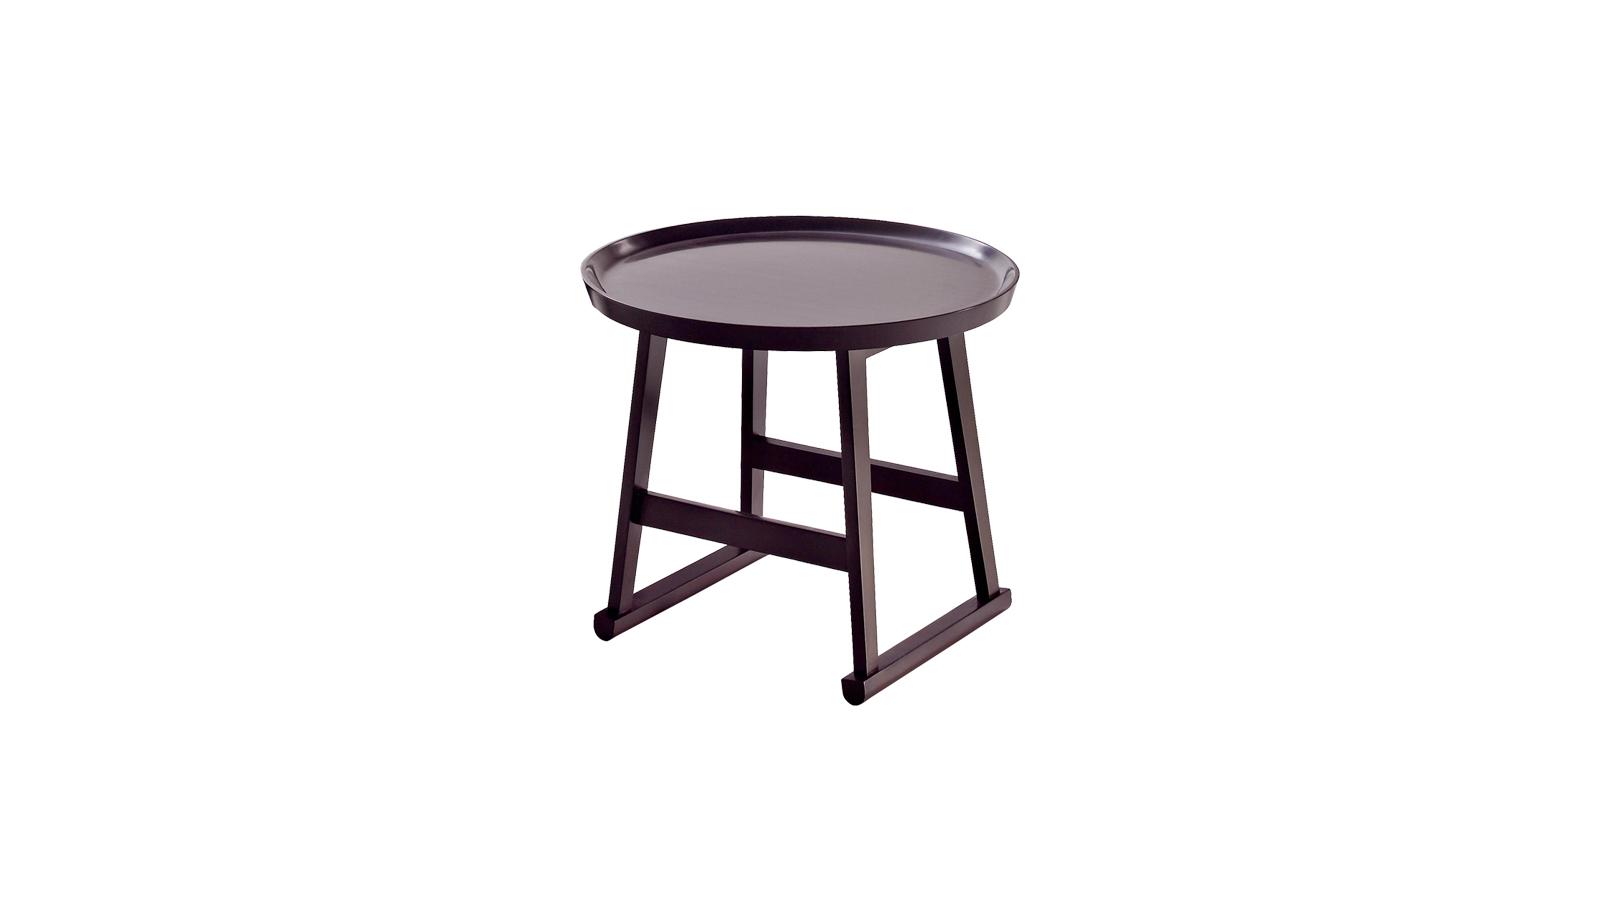 Ha született már az éjjeli szekrénynek páratlan újraértelmezése, akkor a Recipio '14 kisasztalai biztosan azok. A Maxalto kollekció darabjai habár többféle funkciót is ellátnak és több verzióban is elérhetők, egy biztosan közös bennük: az emlékezetes, tálcaszerű asztallap.